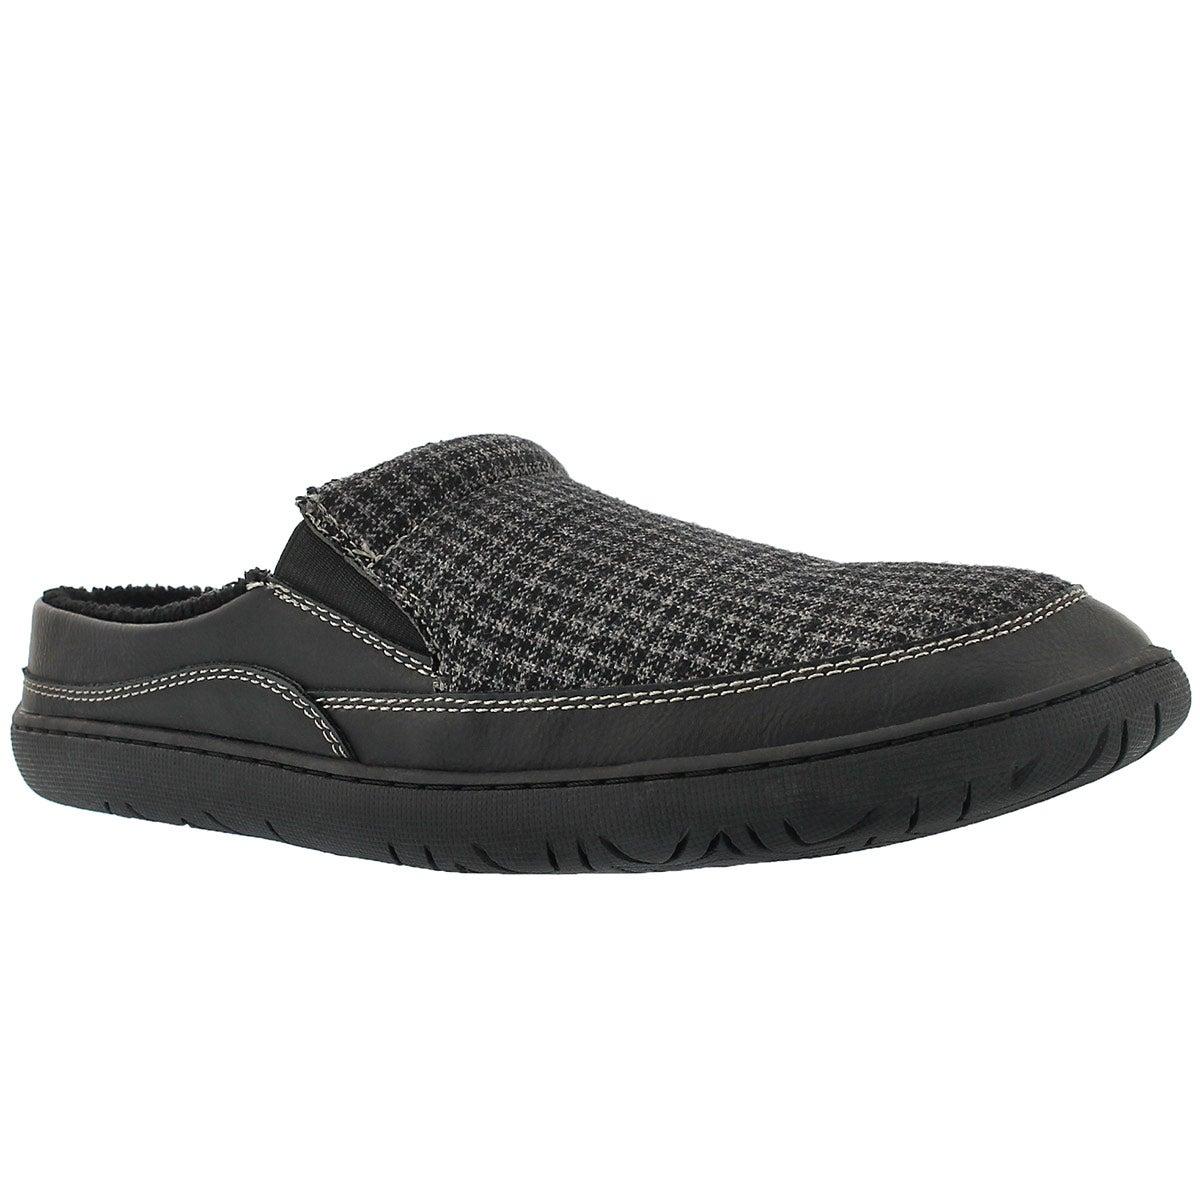 Mns Sheldon black pld open back slipper